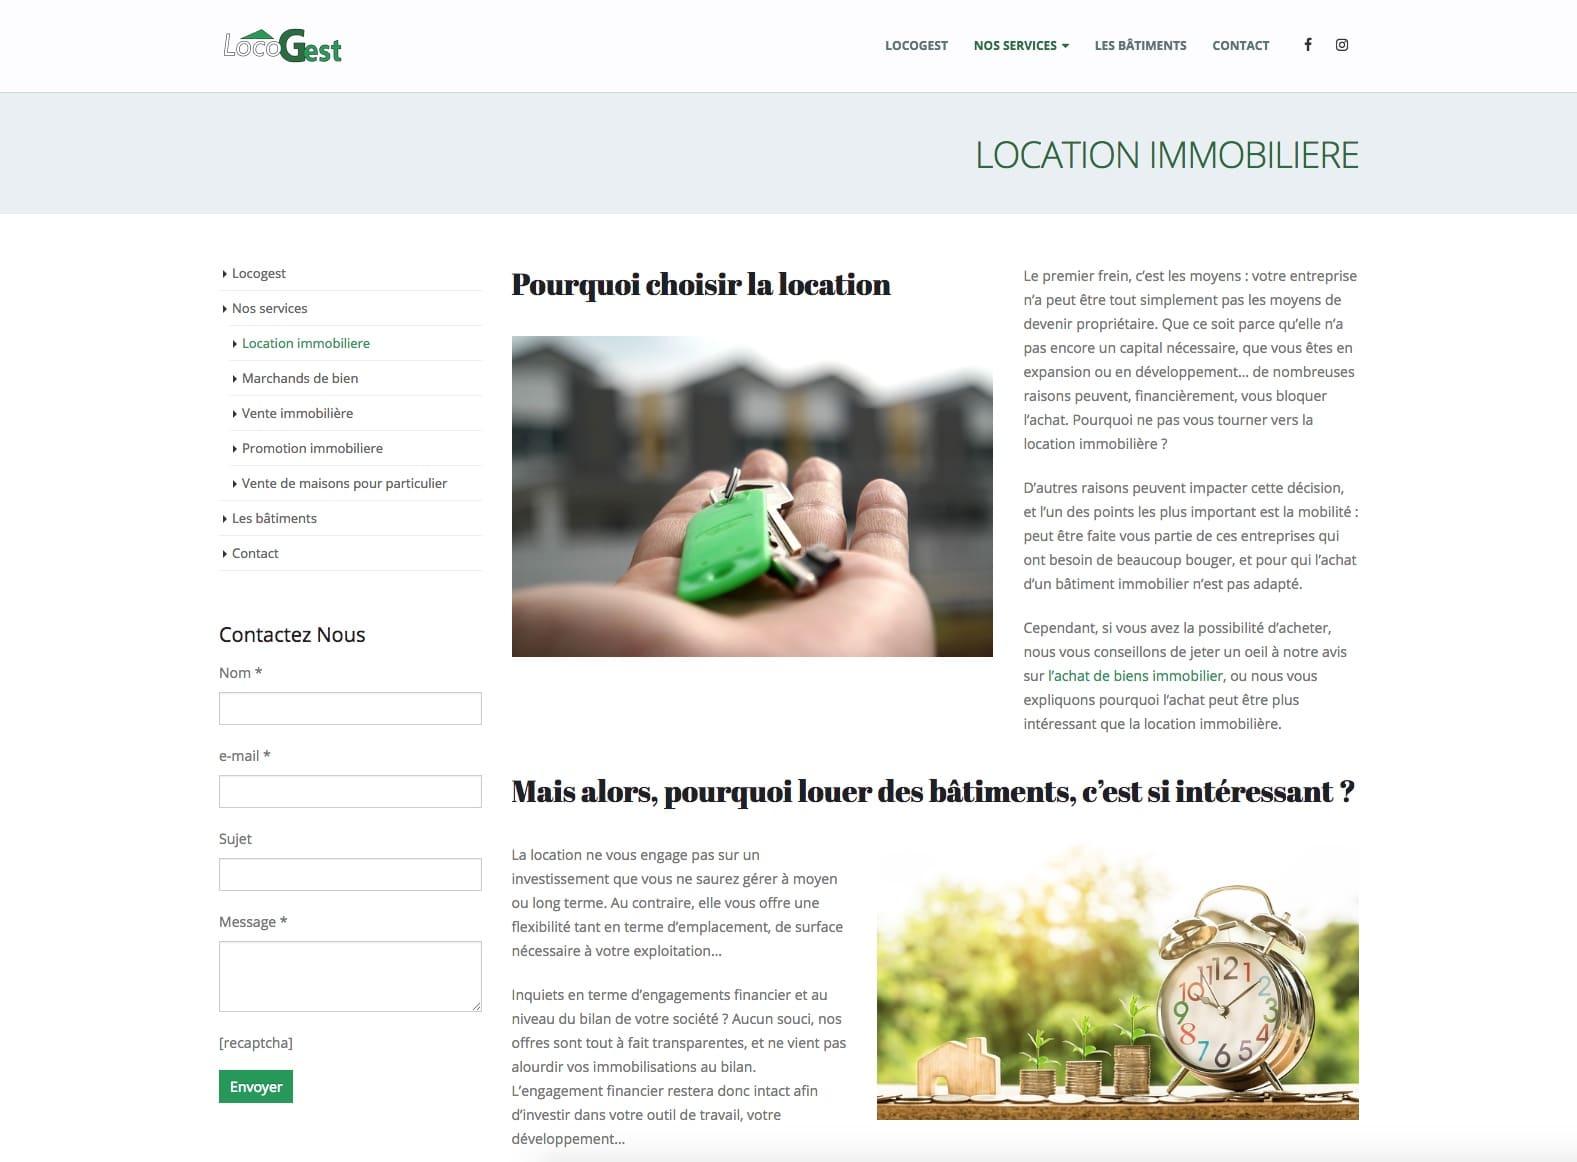 Locogest, location immobilière, un client de l'agence web Karedess à Mulhouse